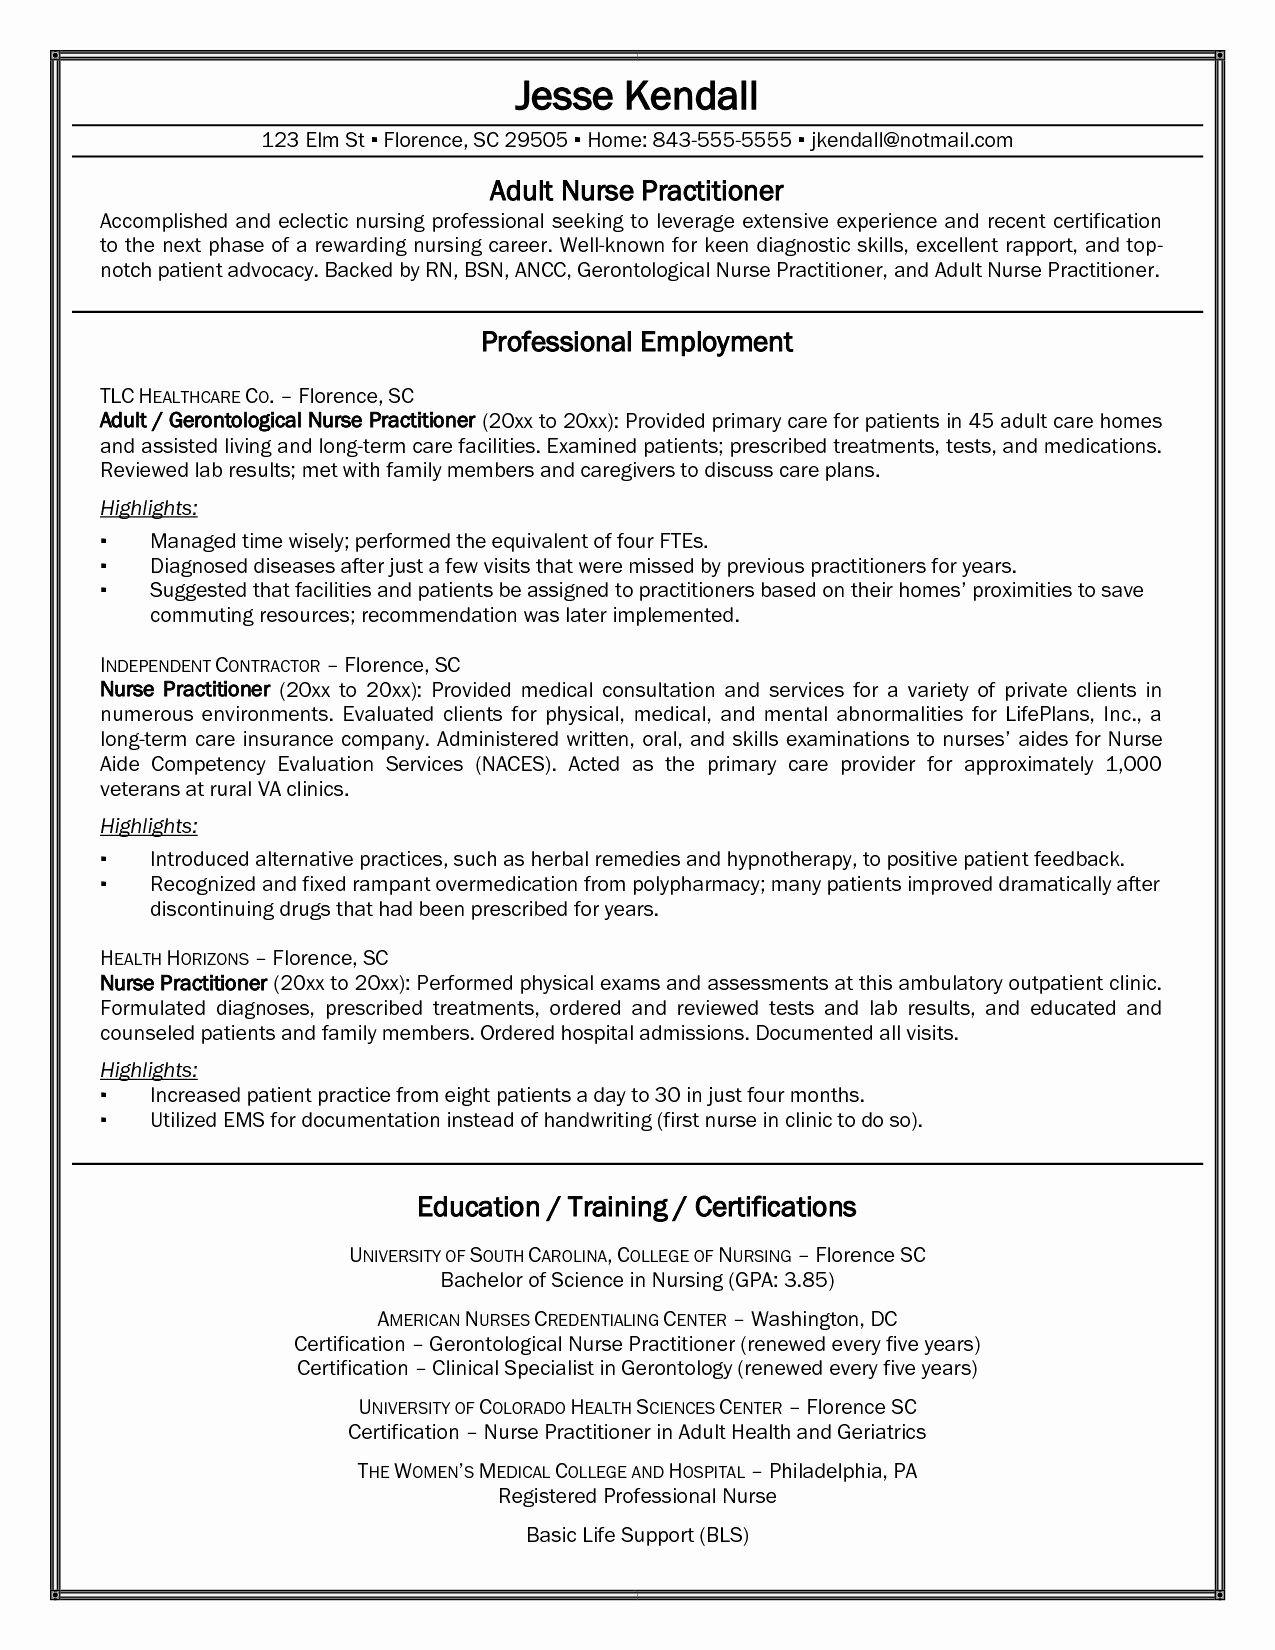 Nursing Care Plan Evaluation Examples Unique Medical Ward Nurse Resume Salumguilher Registered Nurse Resume Nursing Resume Template Cover Letter For Resume